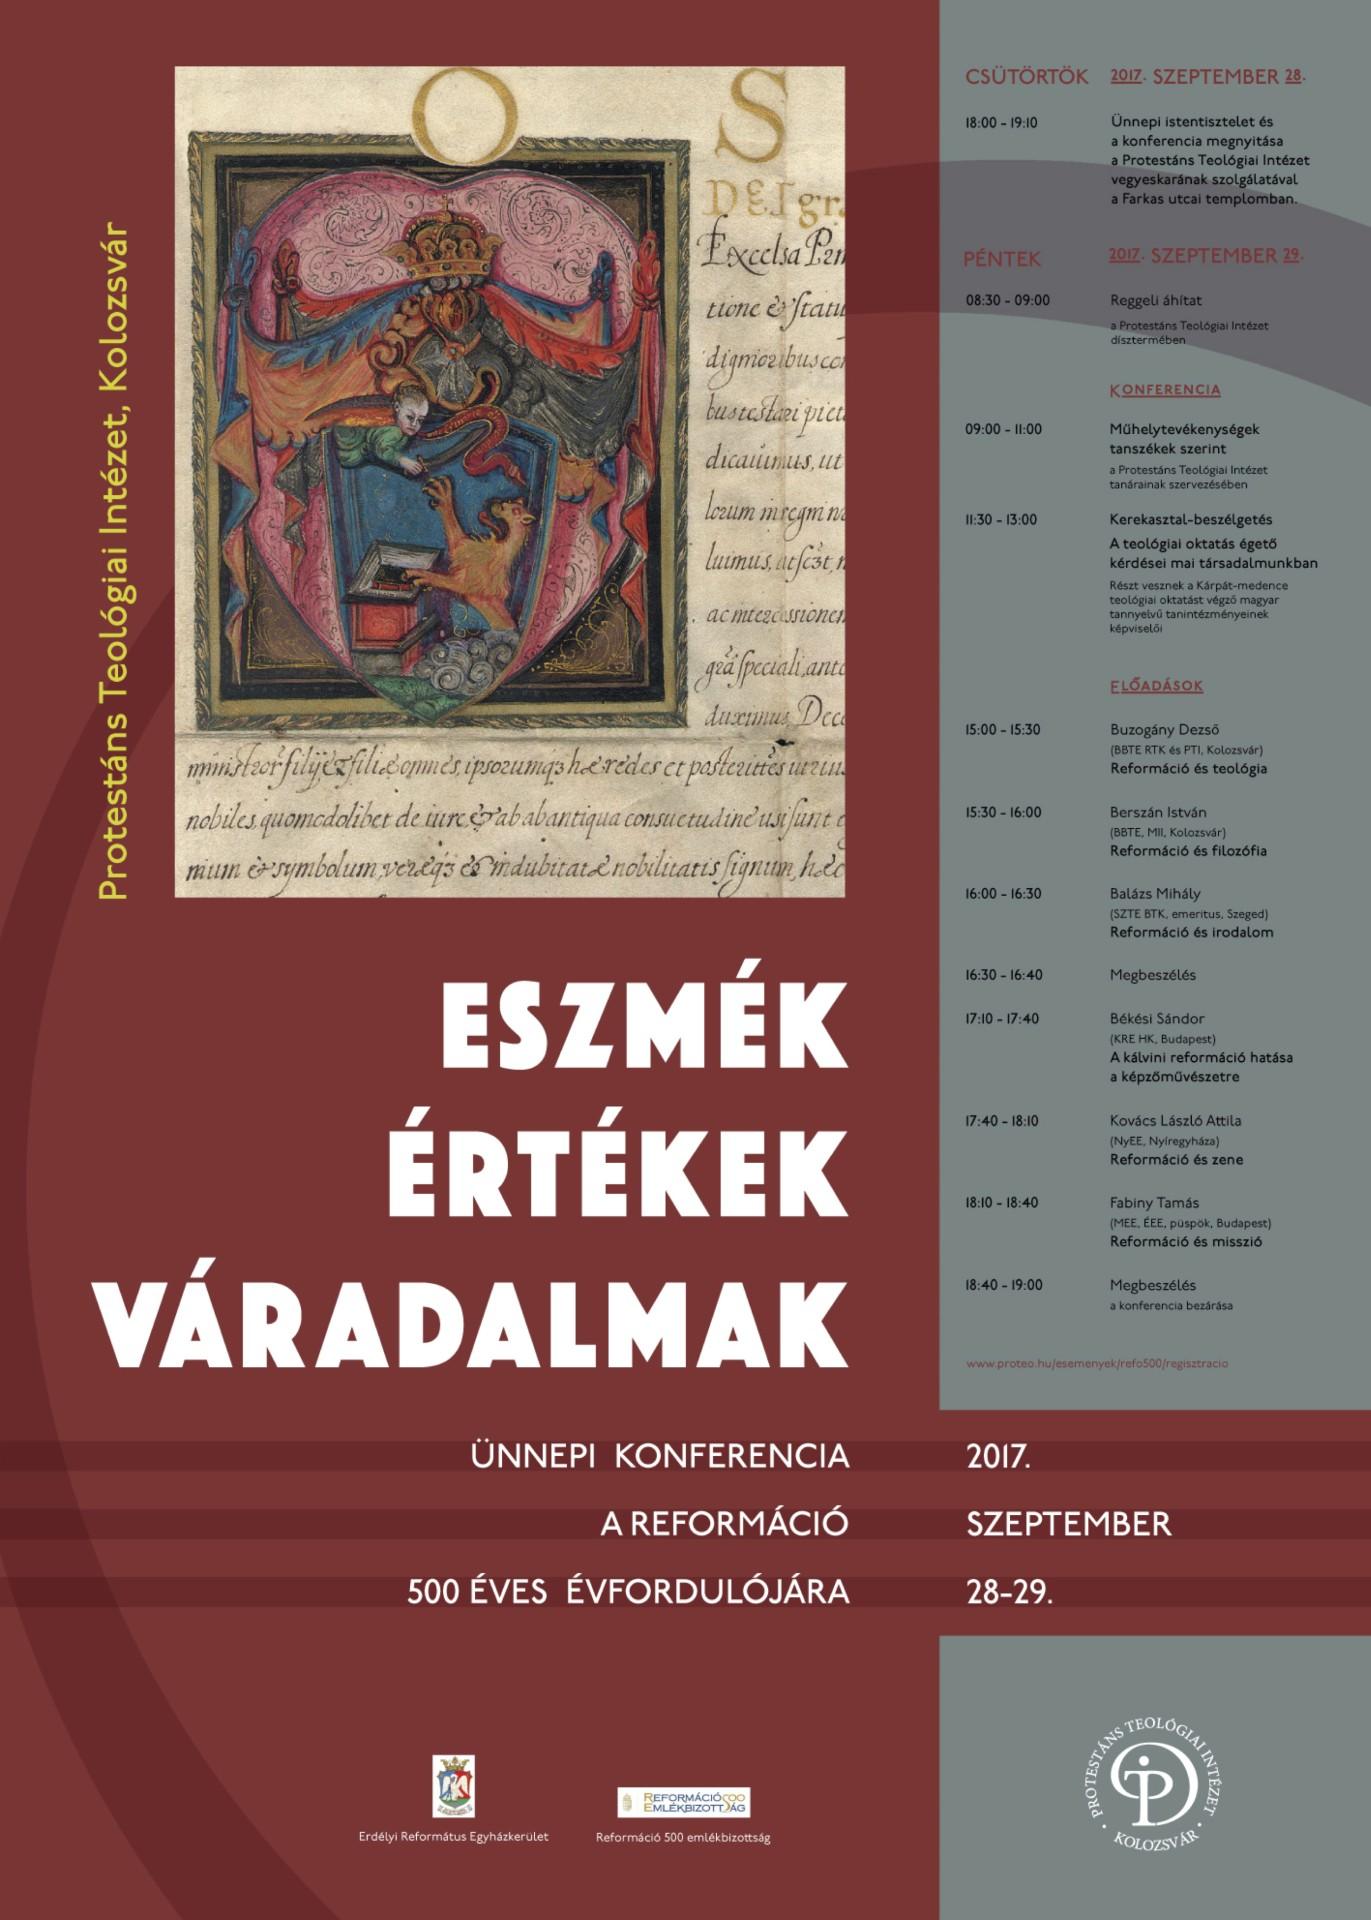 Reformáció – eszmék, értékek, váradalmak. Ünnepi konferencia a reformáció 500 éves évfordulójára